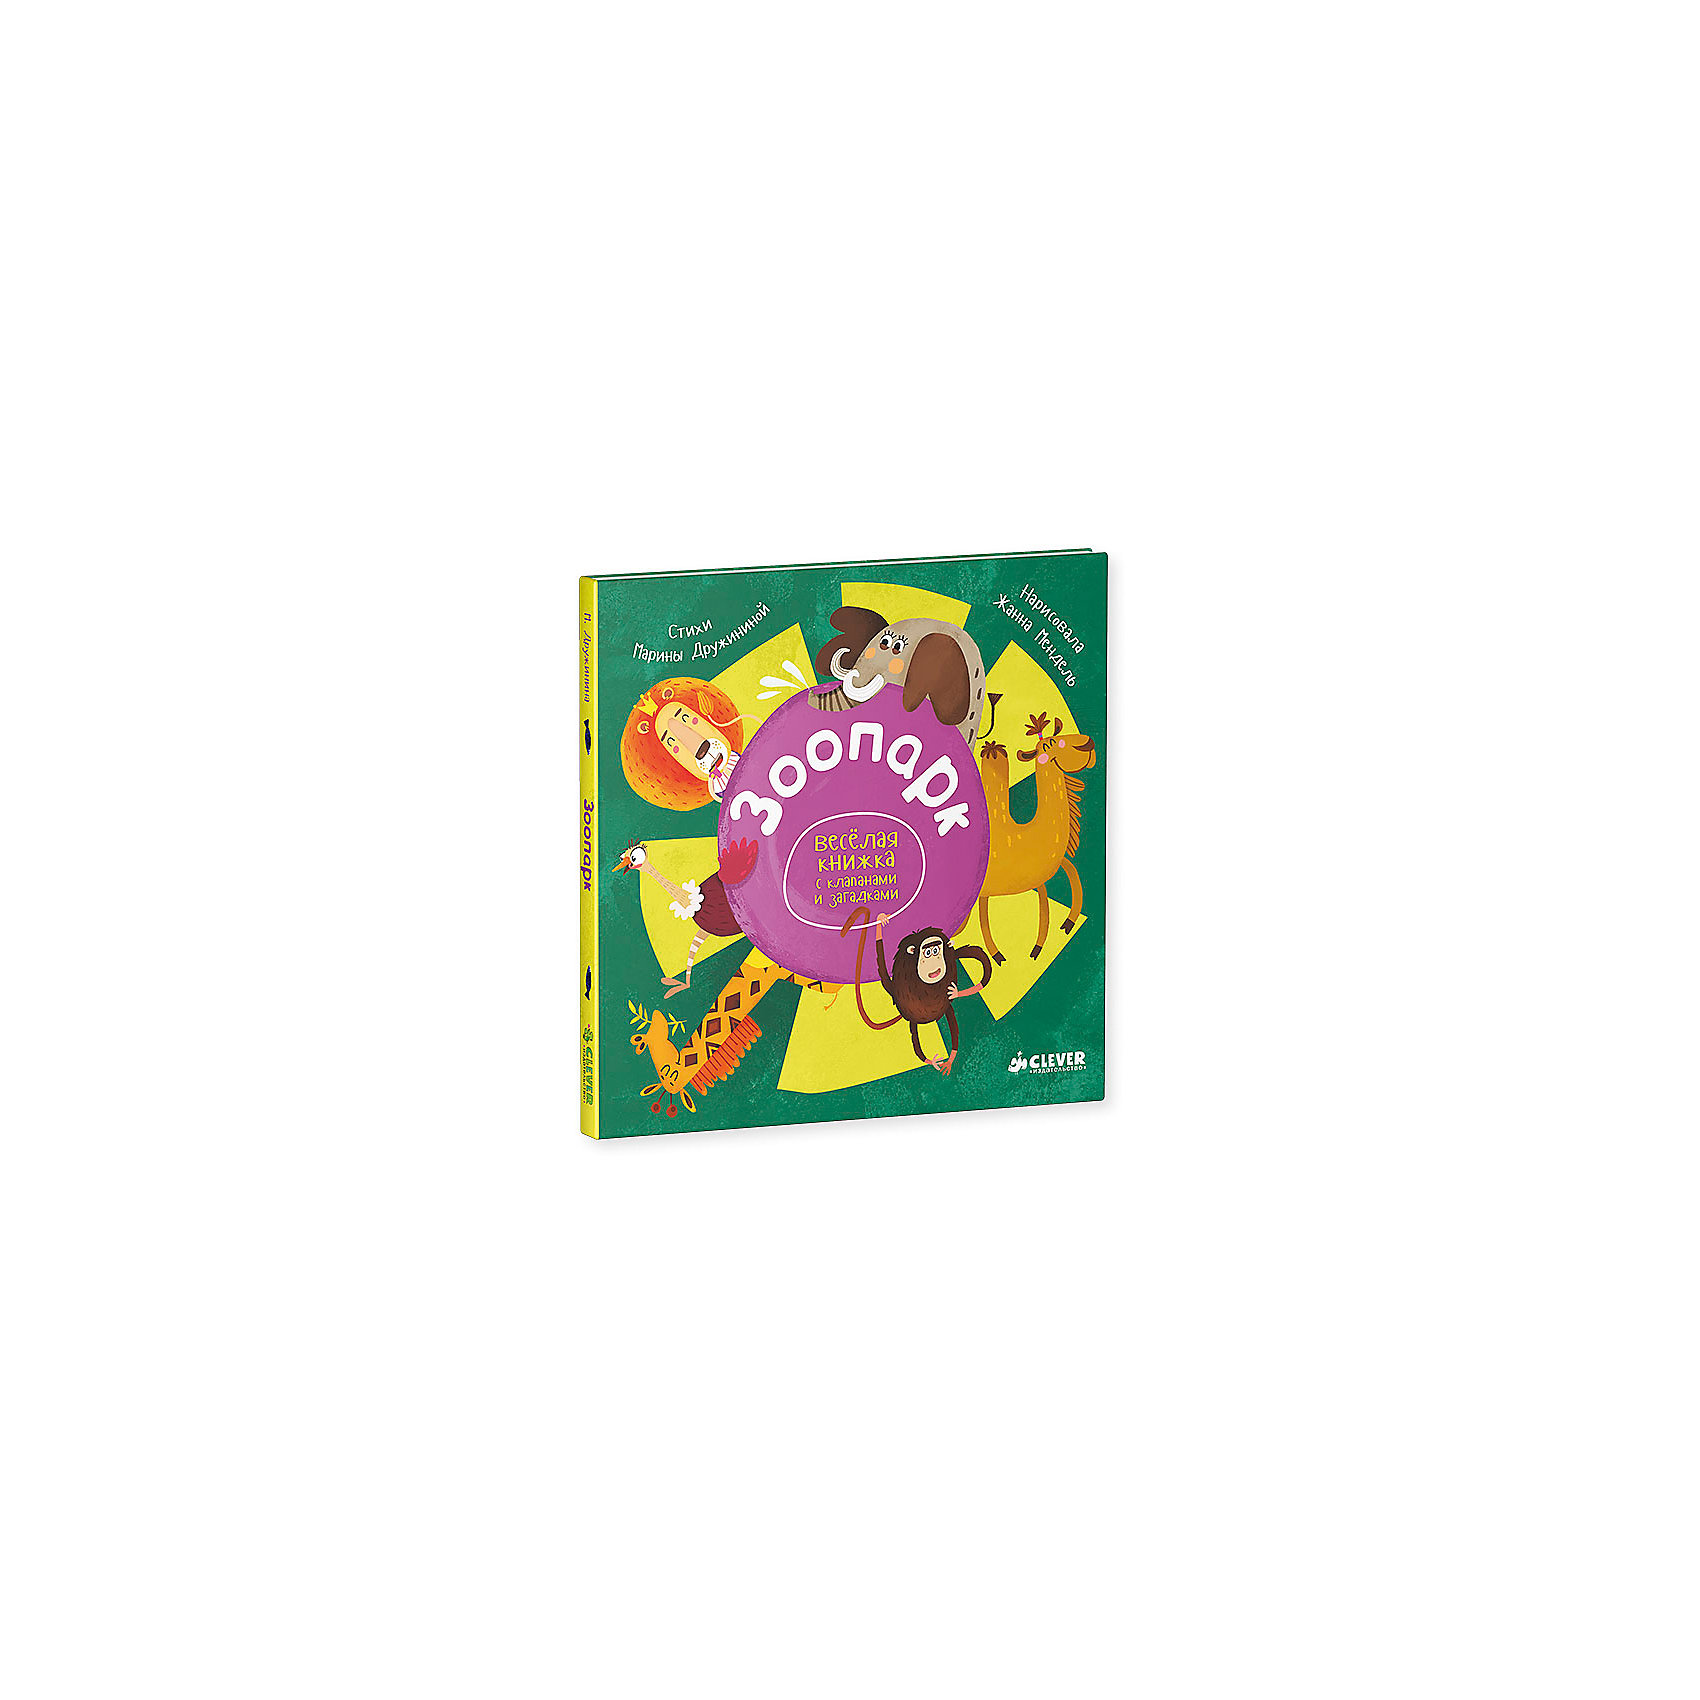 Зоопарк, М. Дружинина, Весёлая книжка с клапанами и загадкамиРазвивающие книги<br>Зоопарк, М. Дружинина, Весёлая книжка с клапанами и загадками<br><br>Характеристики:<br><br>• ISBN: 978-5-906838-47-6<br>• Кол-во страниц: 14<br>• Возраст: 3-5 лет<br>• Формат: а5<br>• Размер книги: 199x200x9 мм<br>• Бумага: картон<br>• Вес: 233 г<br>• Обложка: картон<br><br>Эта красочная книга познакомит вашего ребенка с различными видами животных в зоопарке. Расскажет о том, чем они питаются, как разговаривают и какой нужен уход. В книге содержатся клапаны, загадки и легко запоминающиеся стихи. Изучая эту книгу ребенок сможет развить свою память и мелкую моторику.<br> <br>Зоопарк, М. Дружинина, Весёлая книжка с клапанами и загадками можно купить в нашем интернет-магазине.<br><br>Ширина мм: 200<br>Глубина мм: 200<br>Высота мм: 5<br>Вес г: 230<br>Возраст от месяцев: 0<br>Возраст до месяцев: 36<br>Пол: Унисекс<br>Возраст: Детский<br>SKU: 5377772